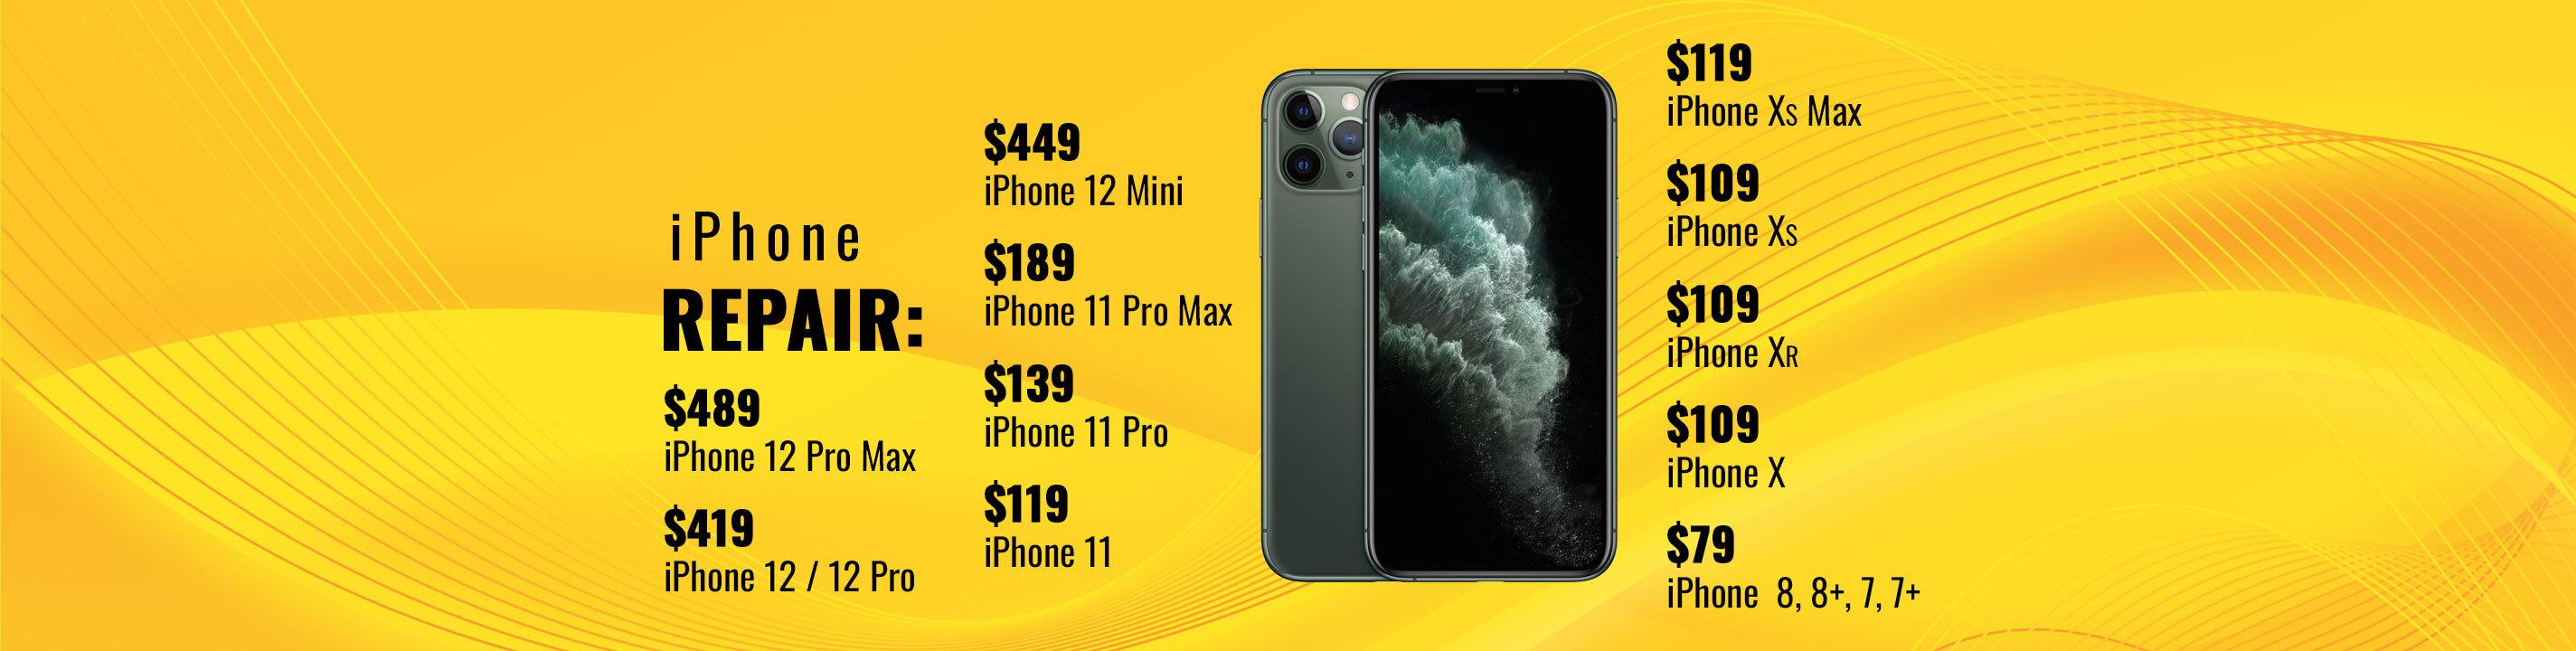 Screen-Repair-Pricing-Banner-6.22.21